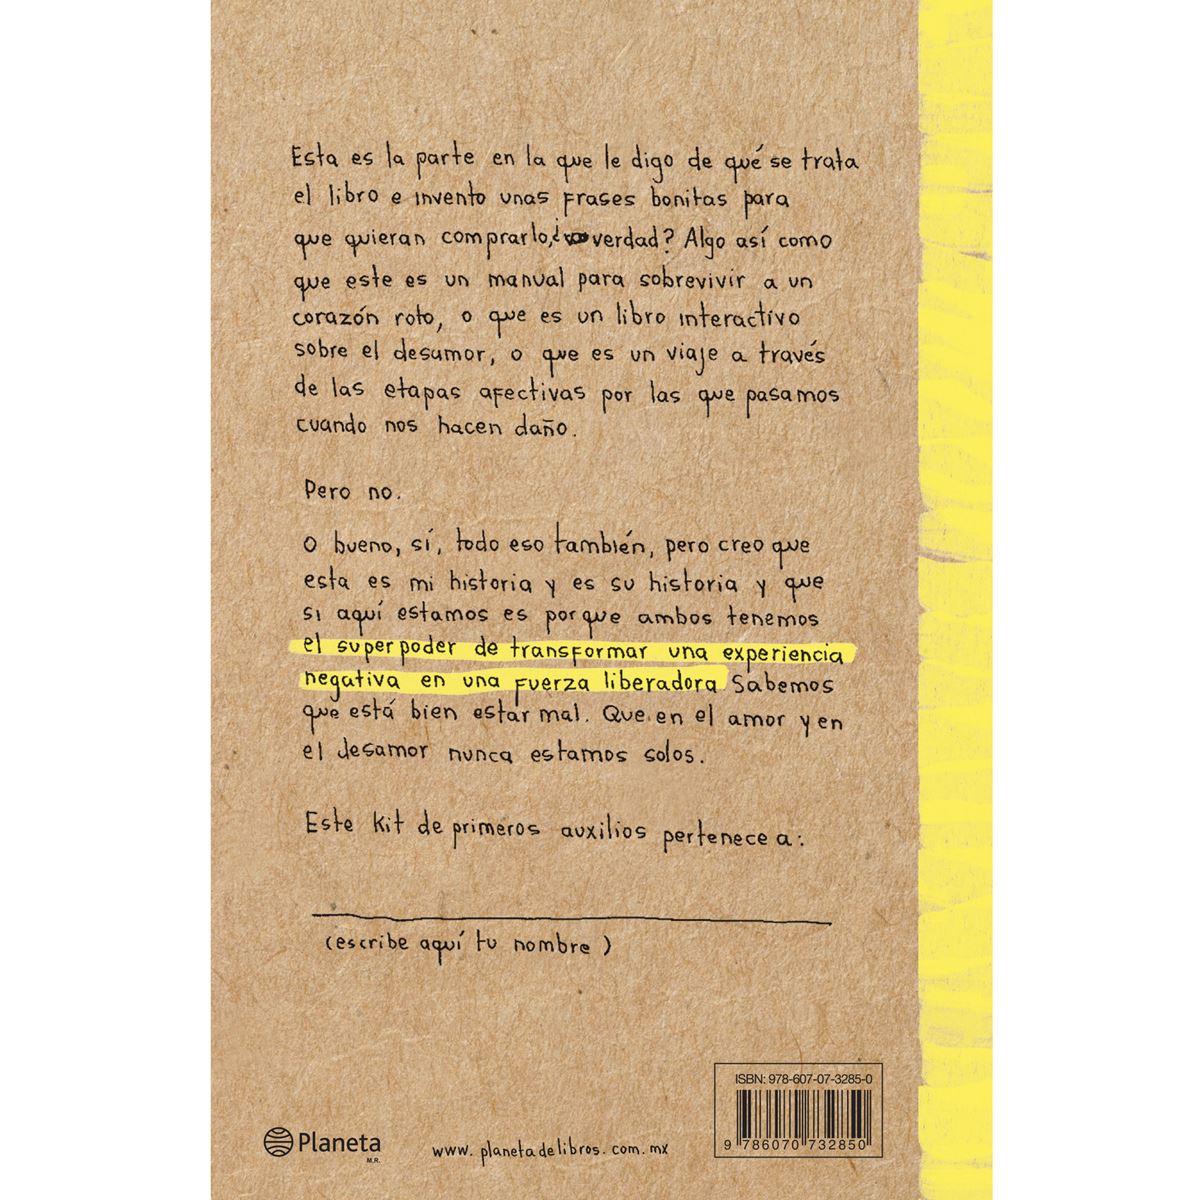 Uno siempre cambia al amor de su vida, por otro amor o por otra vida Libro - Sanborns